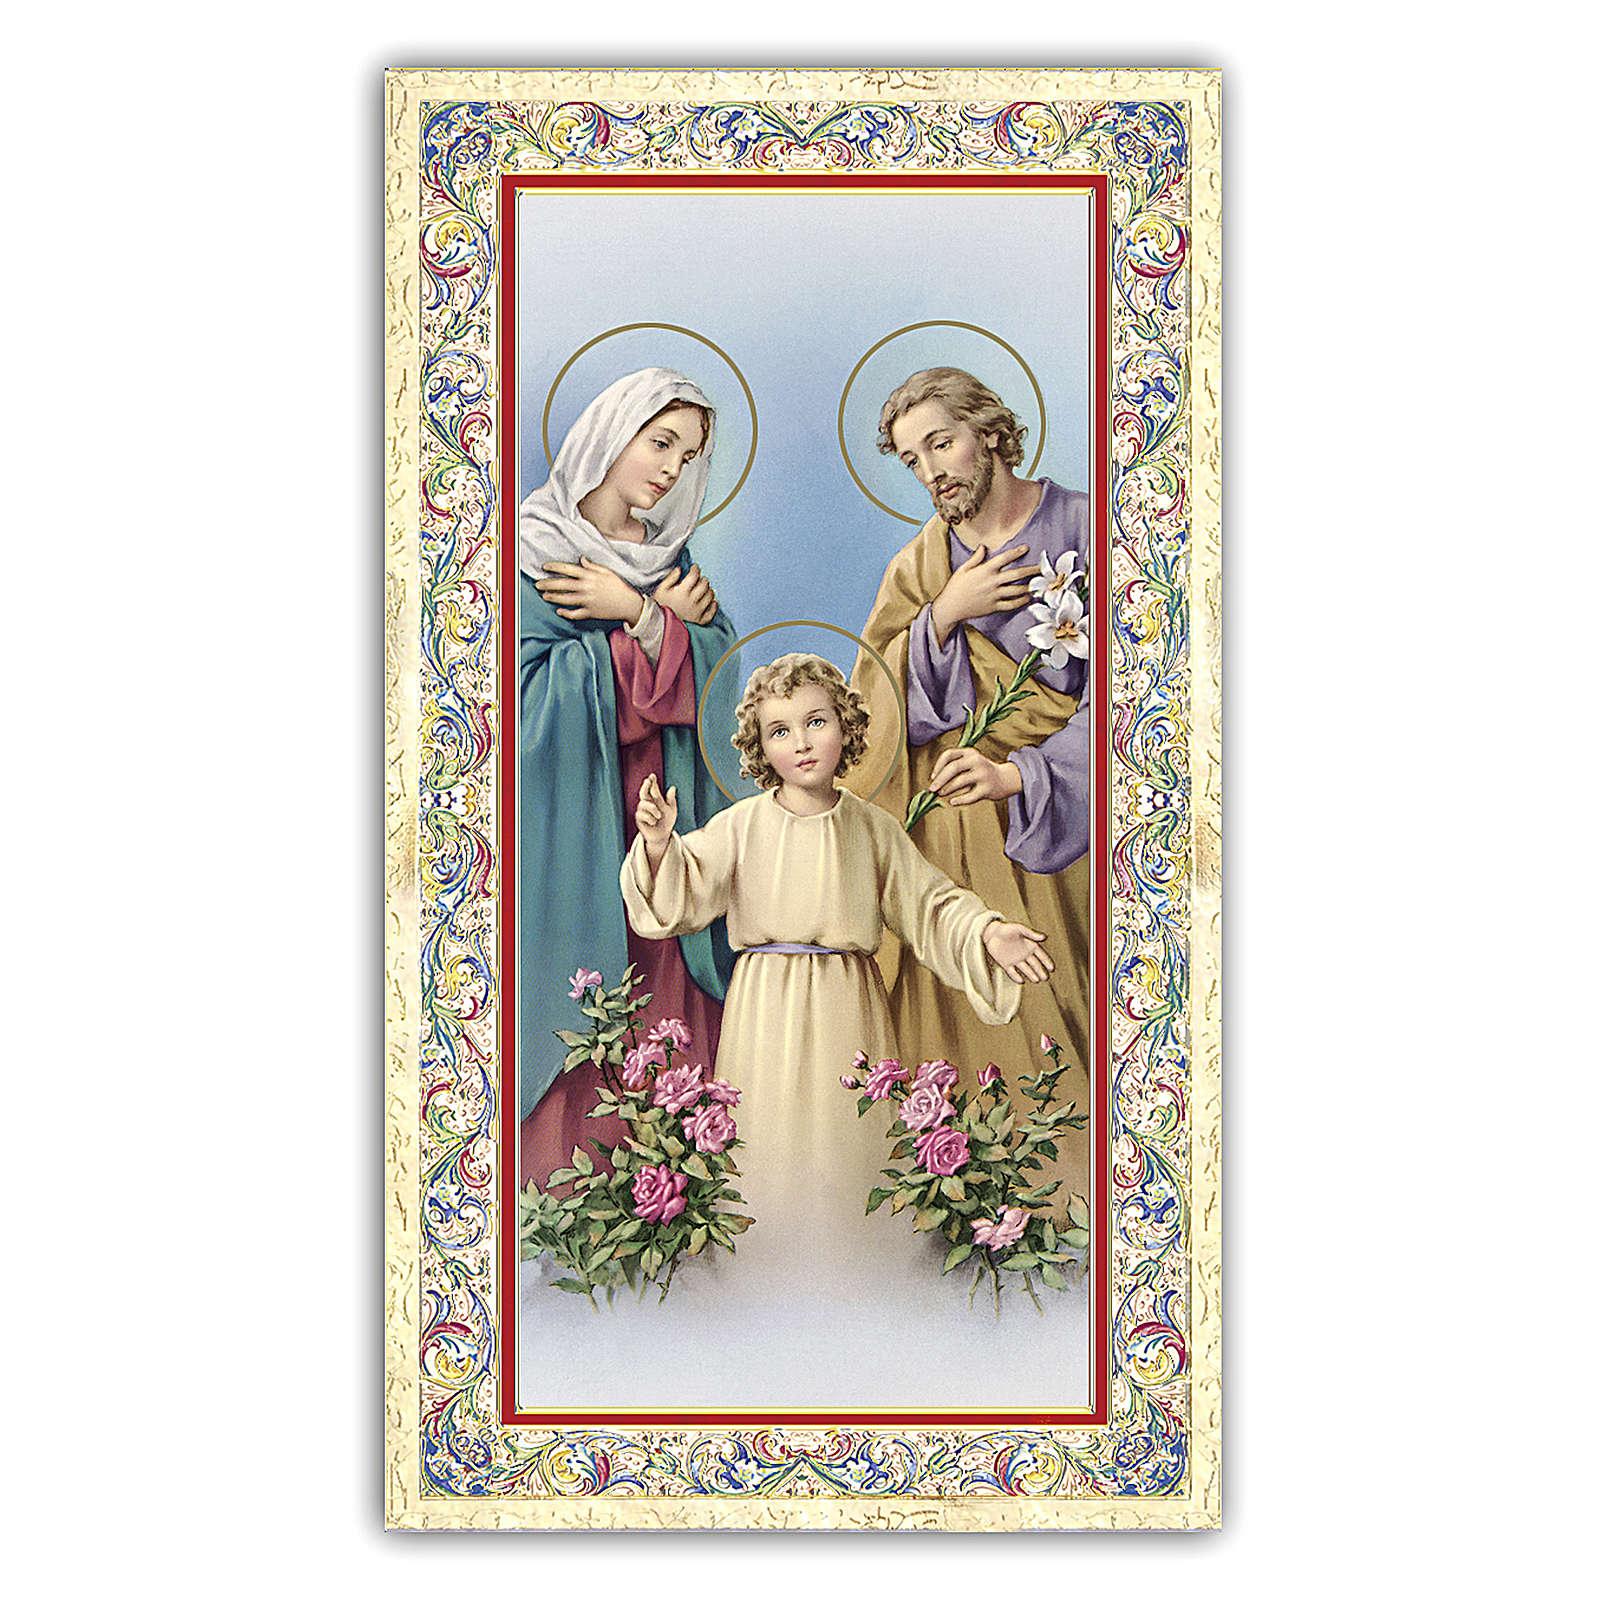 Estampa religiosa Sagrada Familia 10x5 cm ITA 4